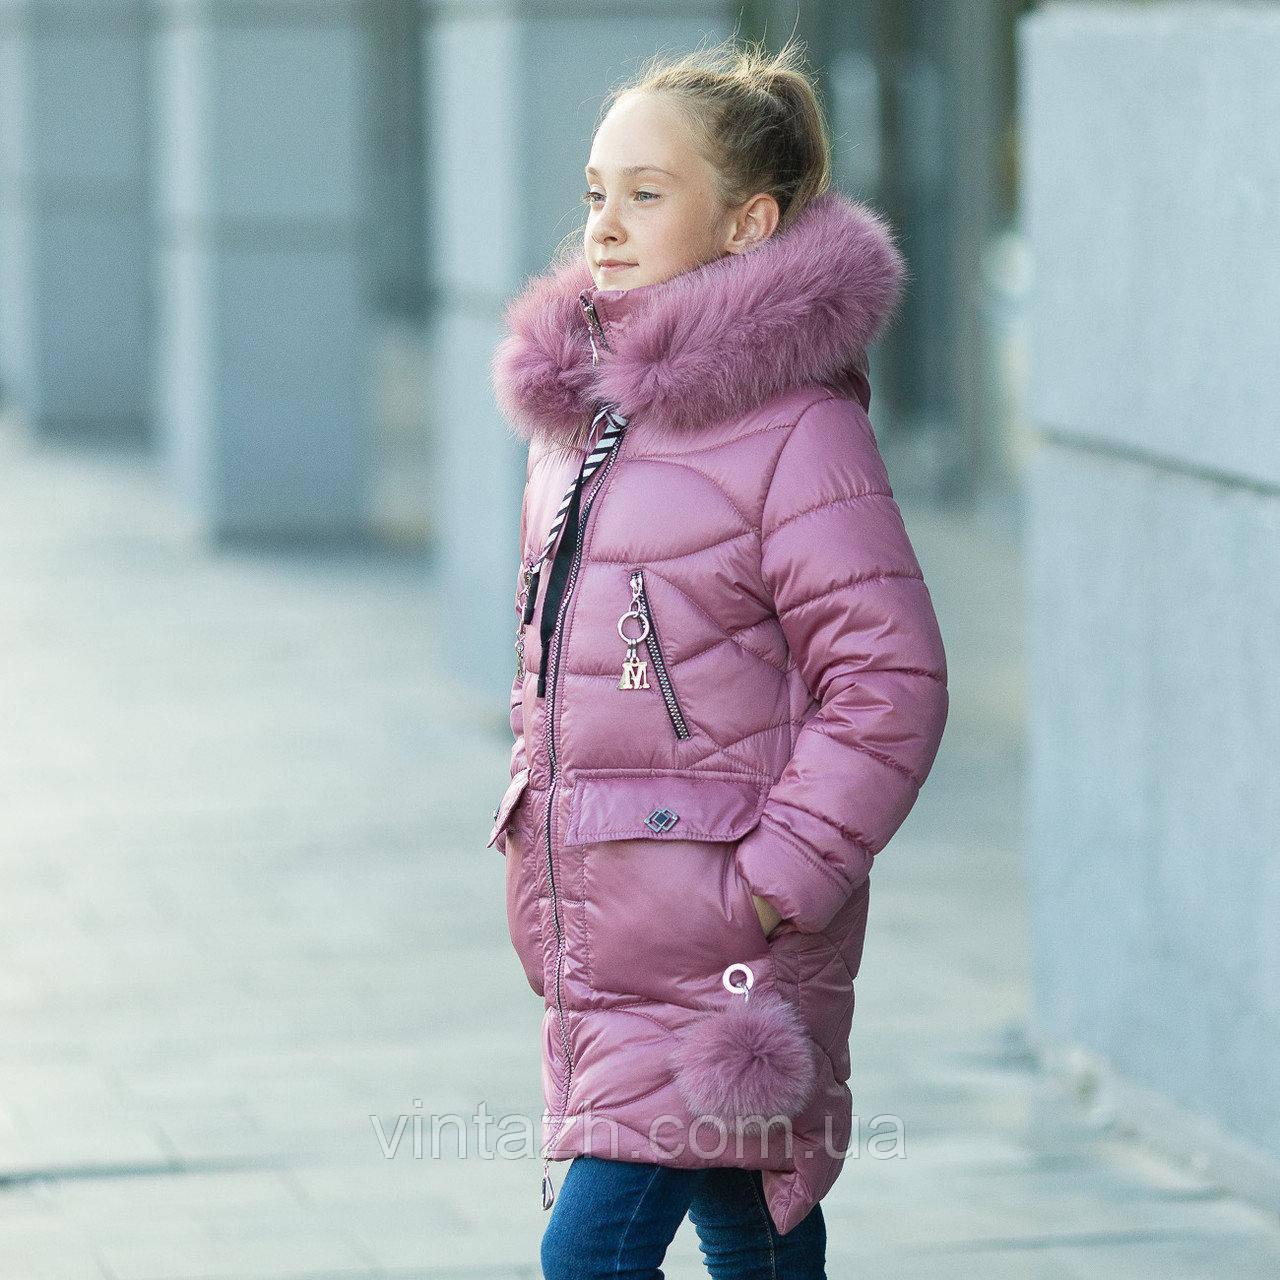 Модная  зимняя куртка  для девочки интернет магазин в Украине